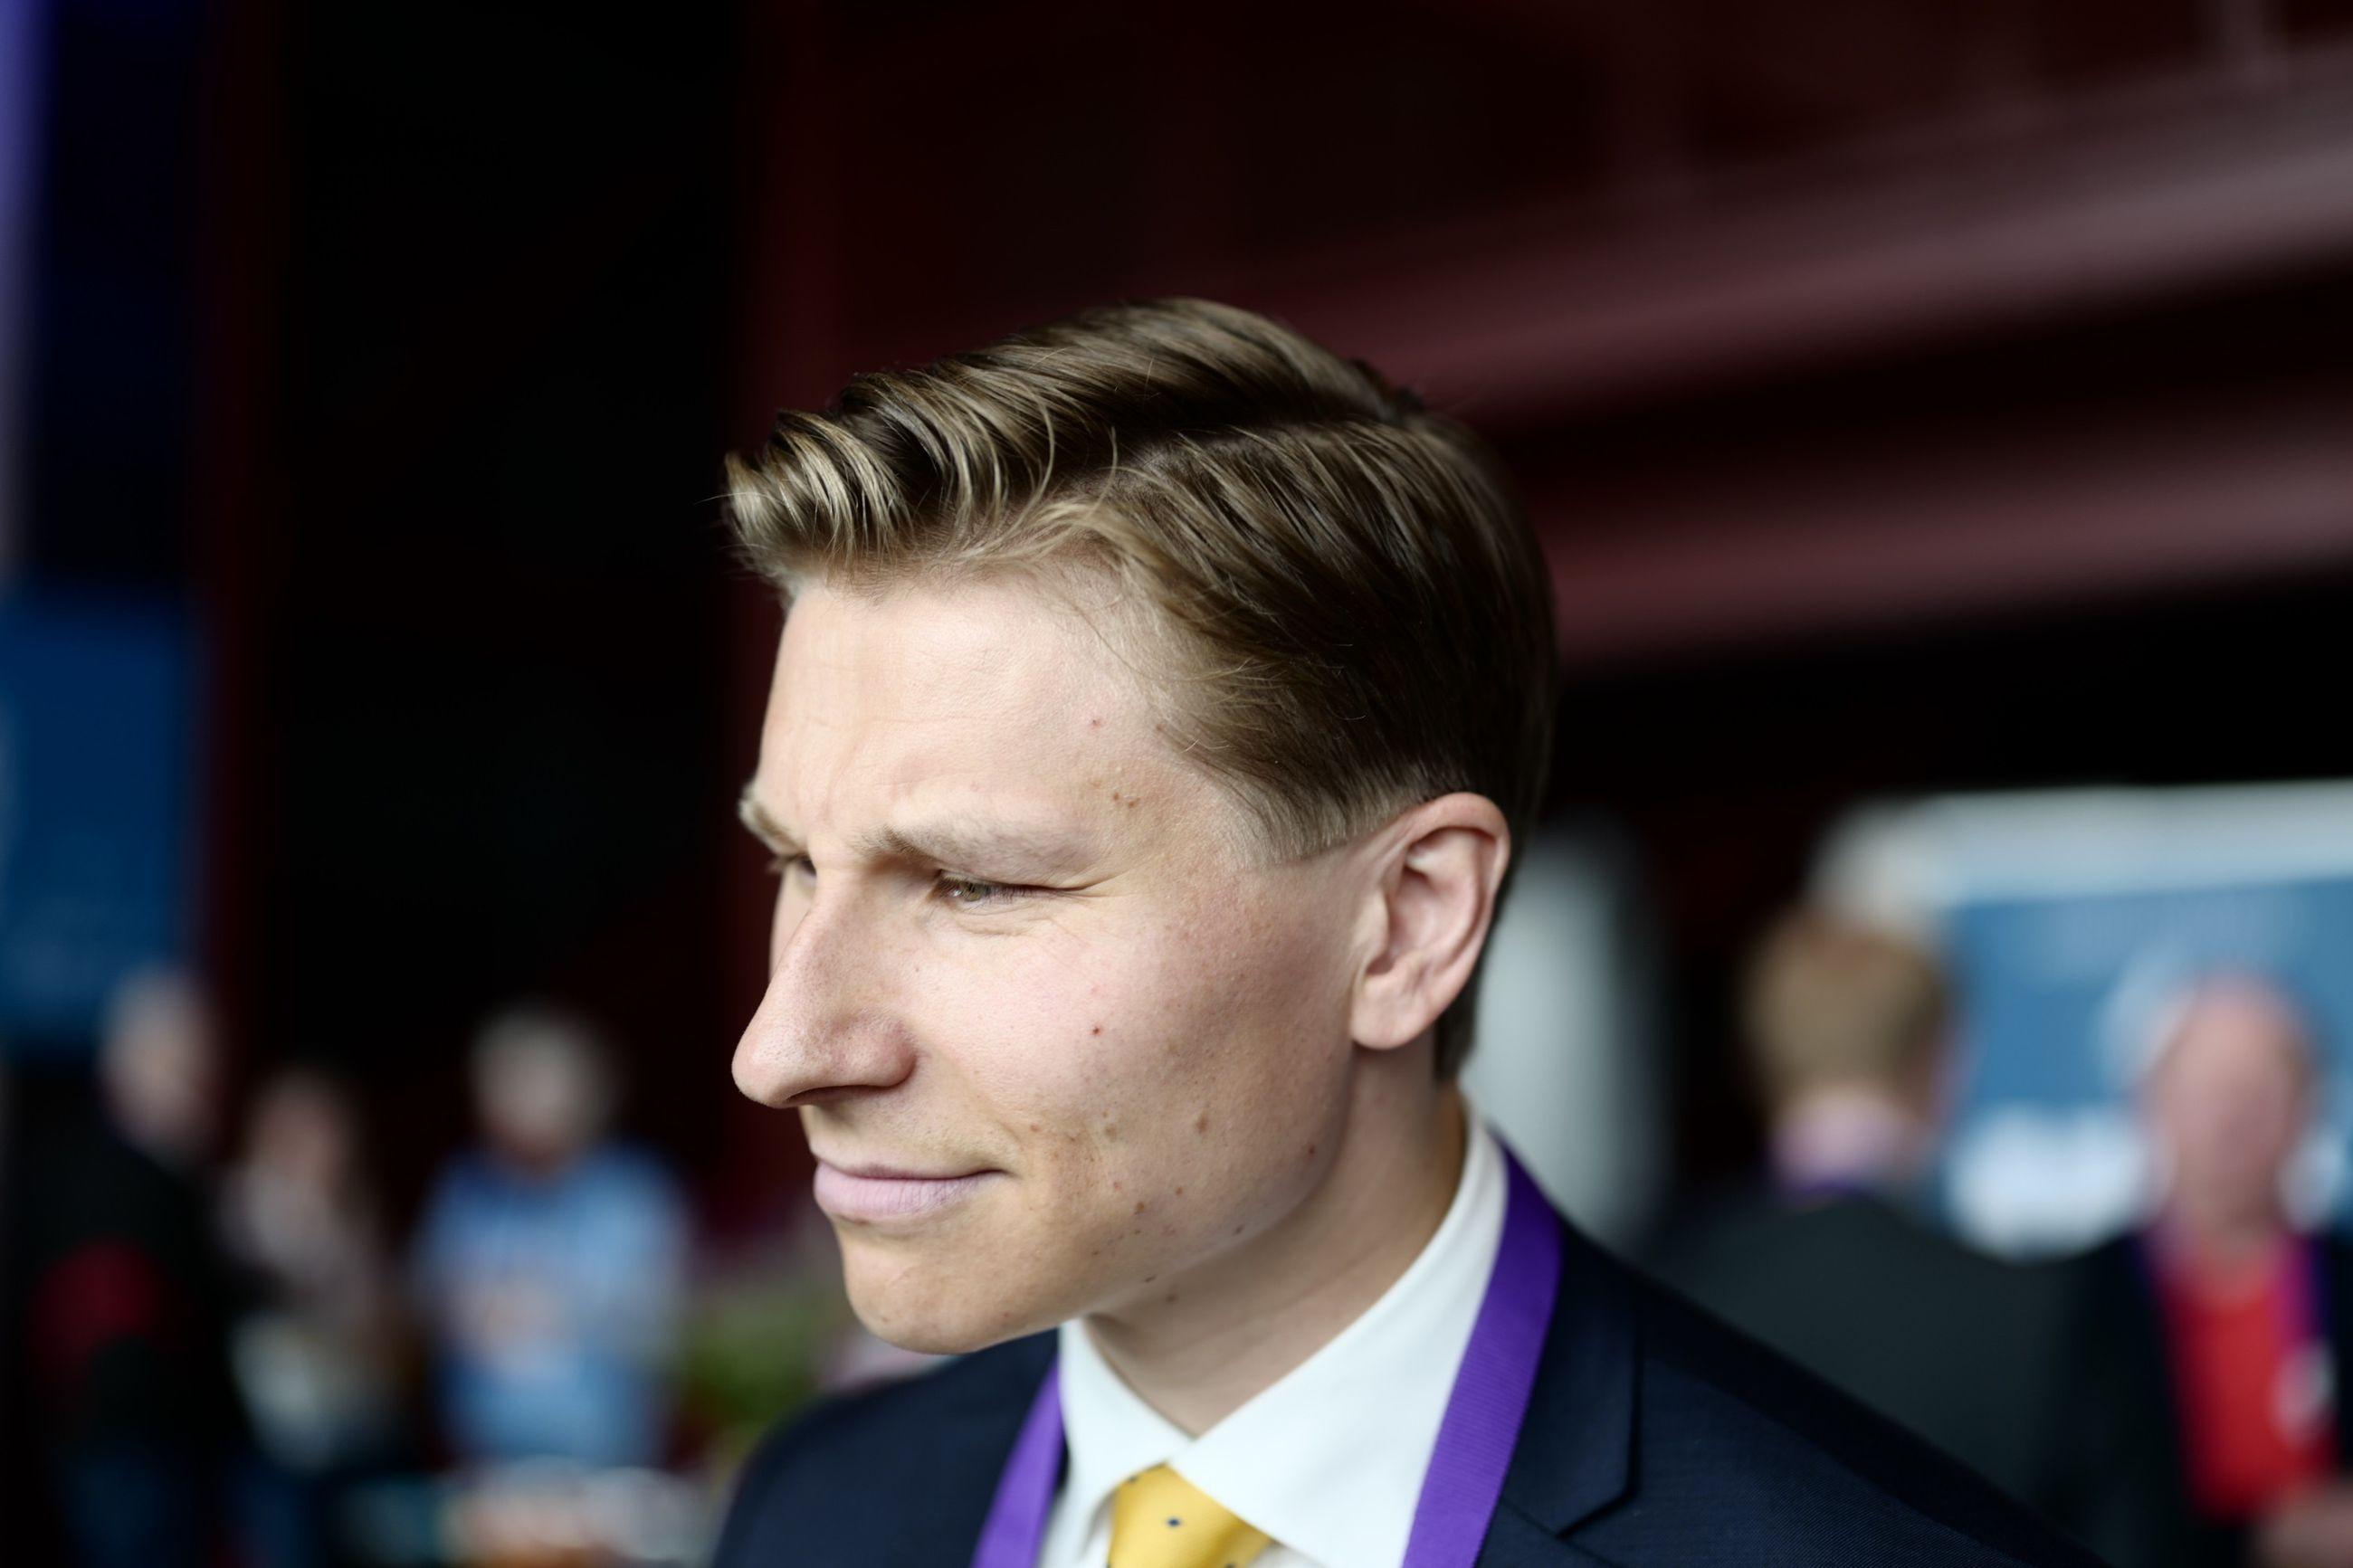 Oikeusministeri Häkkänen